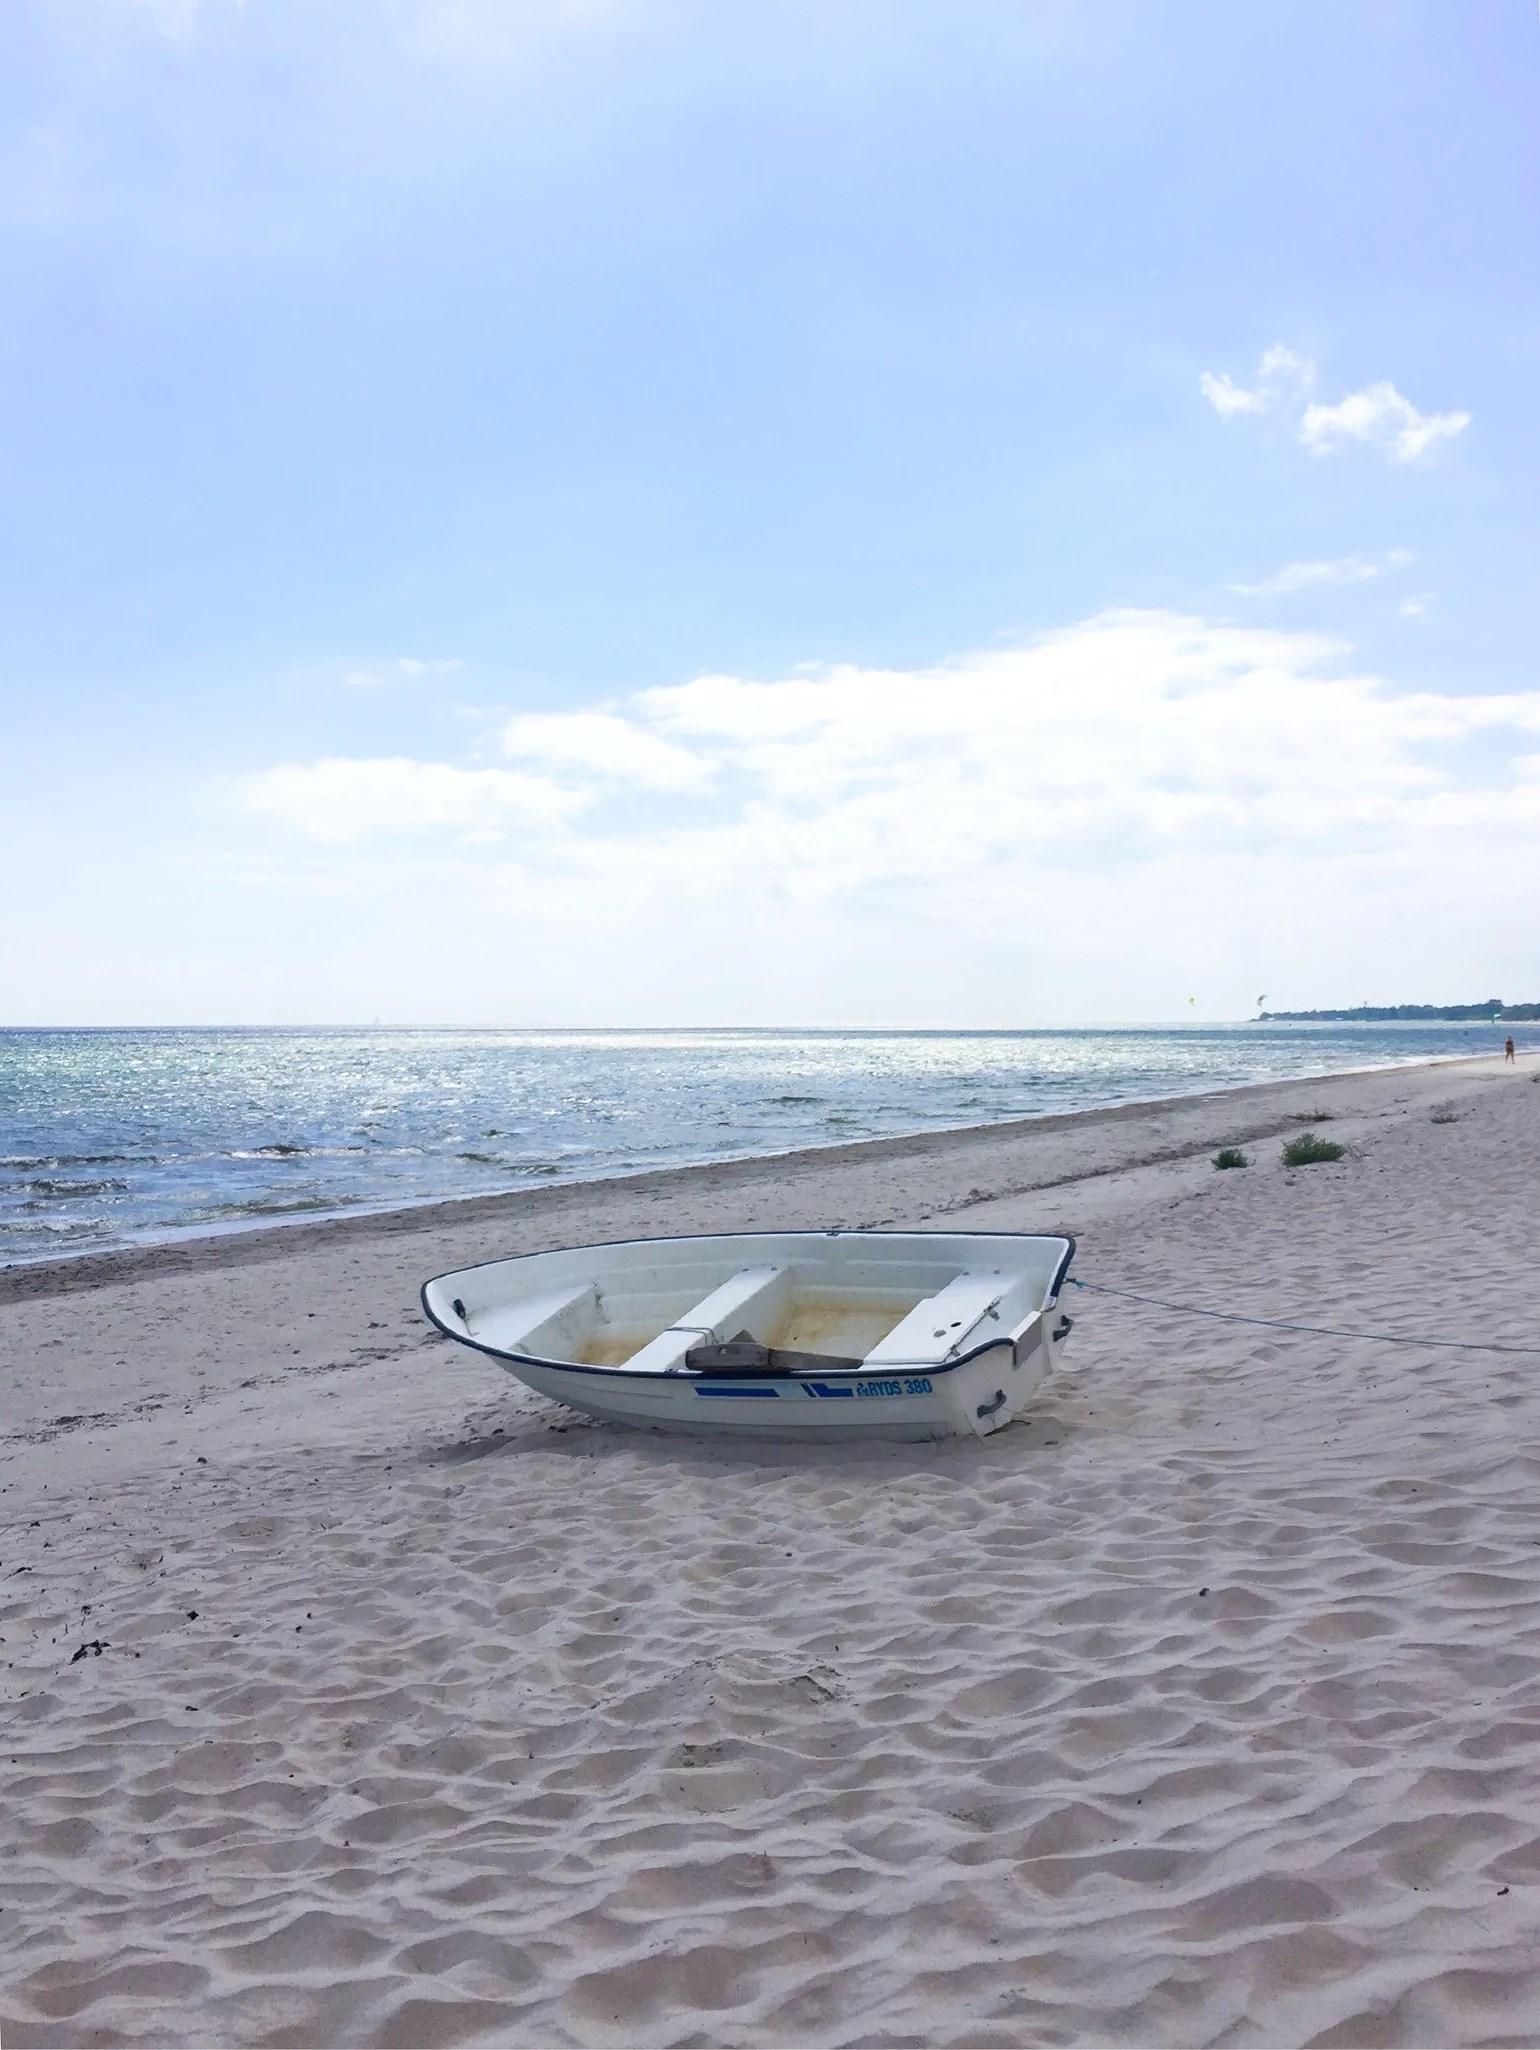 Beach day - here we go again